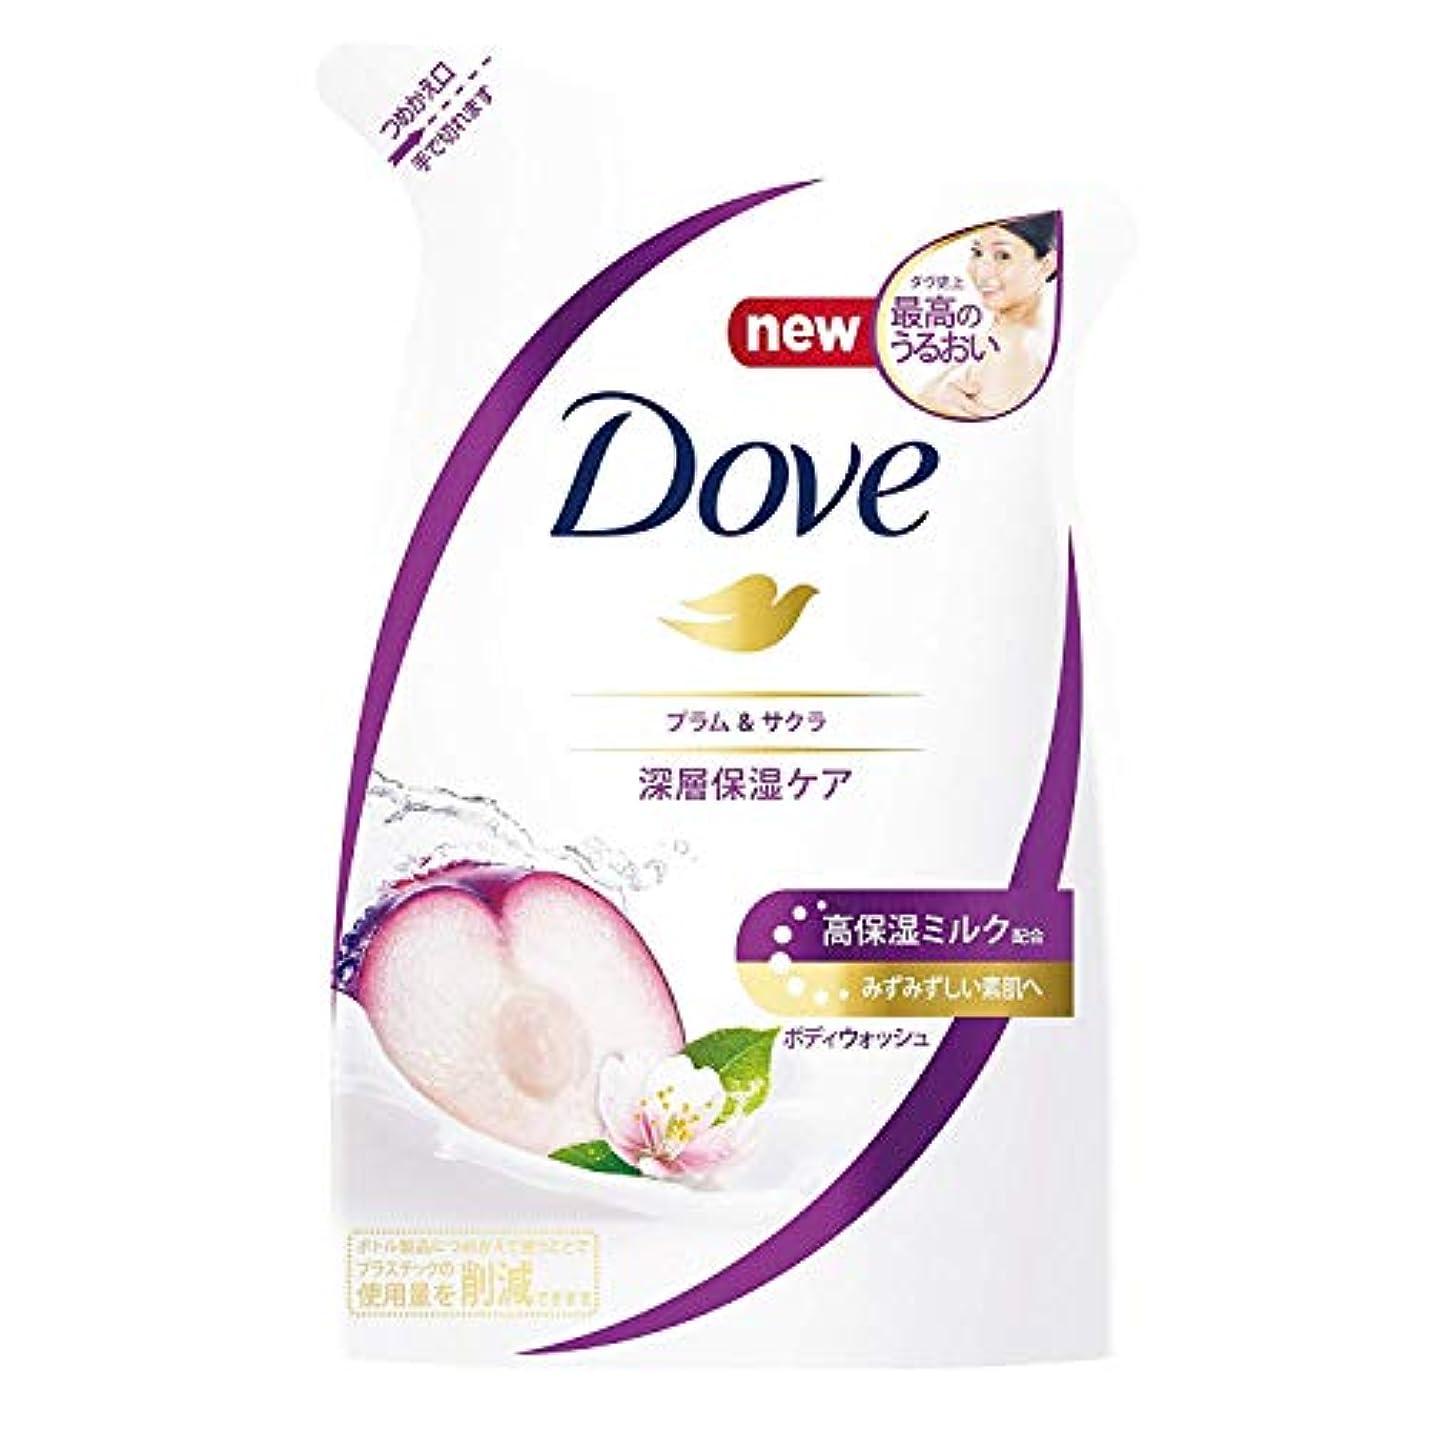 【2個セット】Dove ダヴ ボディウォッシュ プラム & サクラ つめかえ用 360g